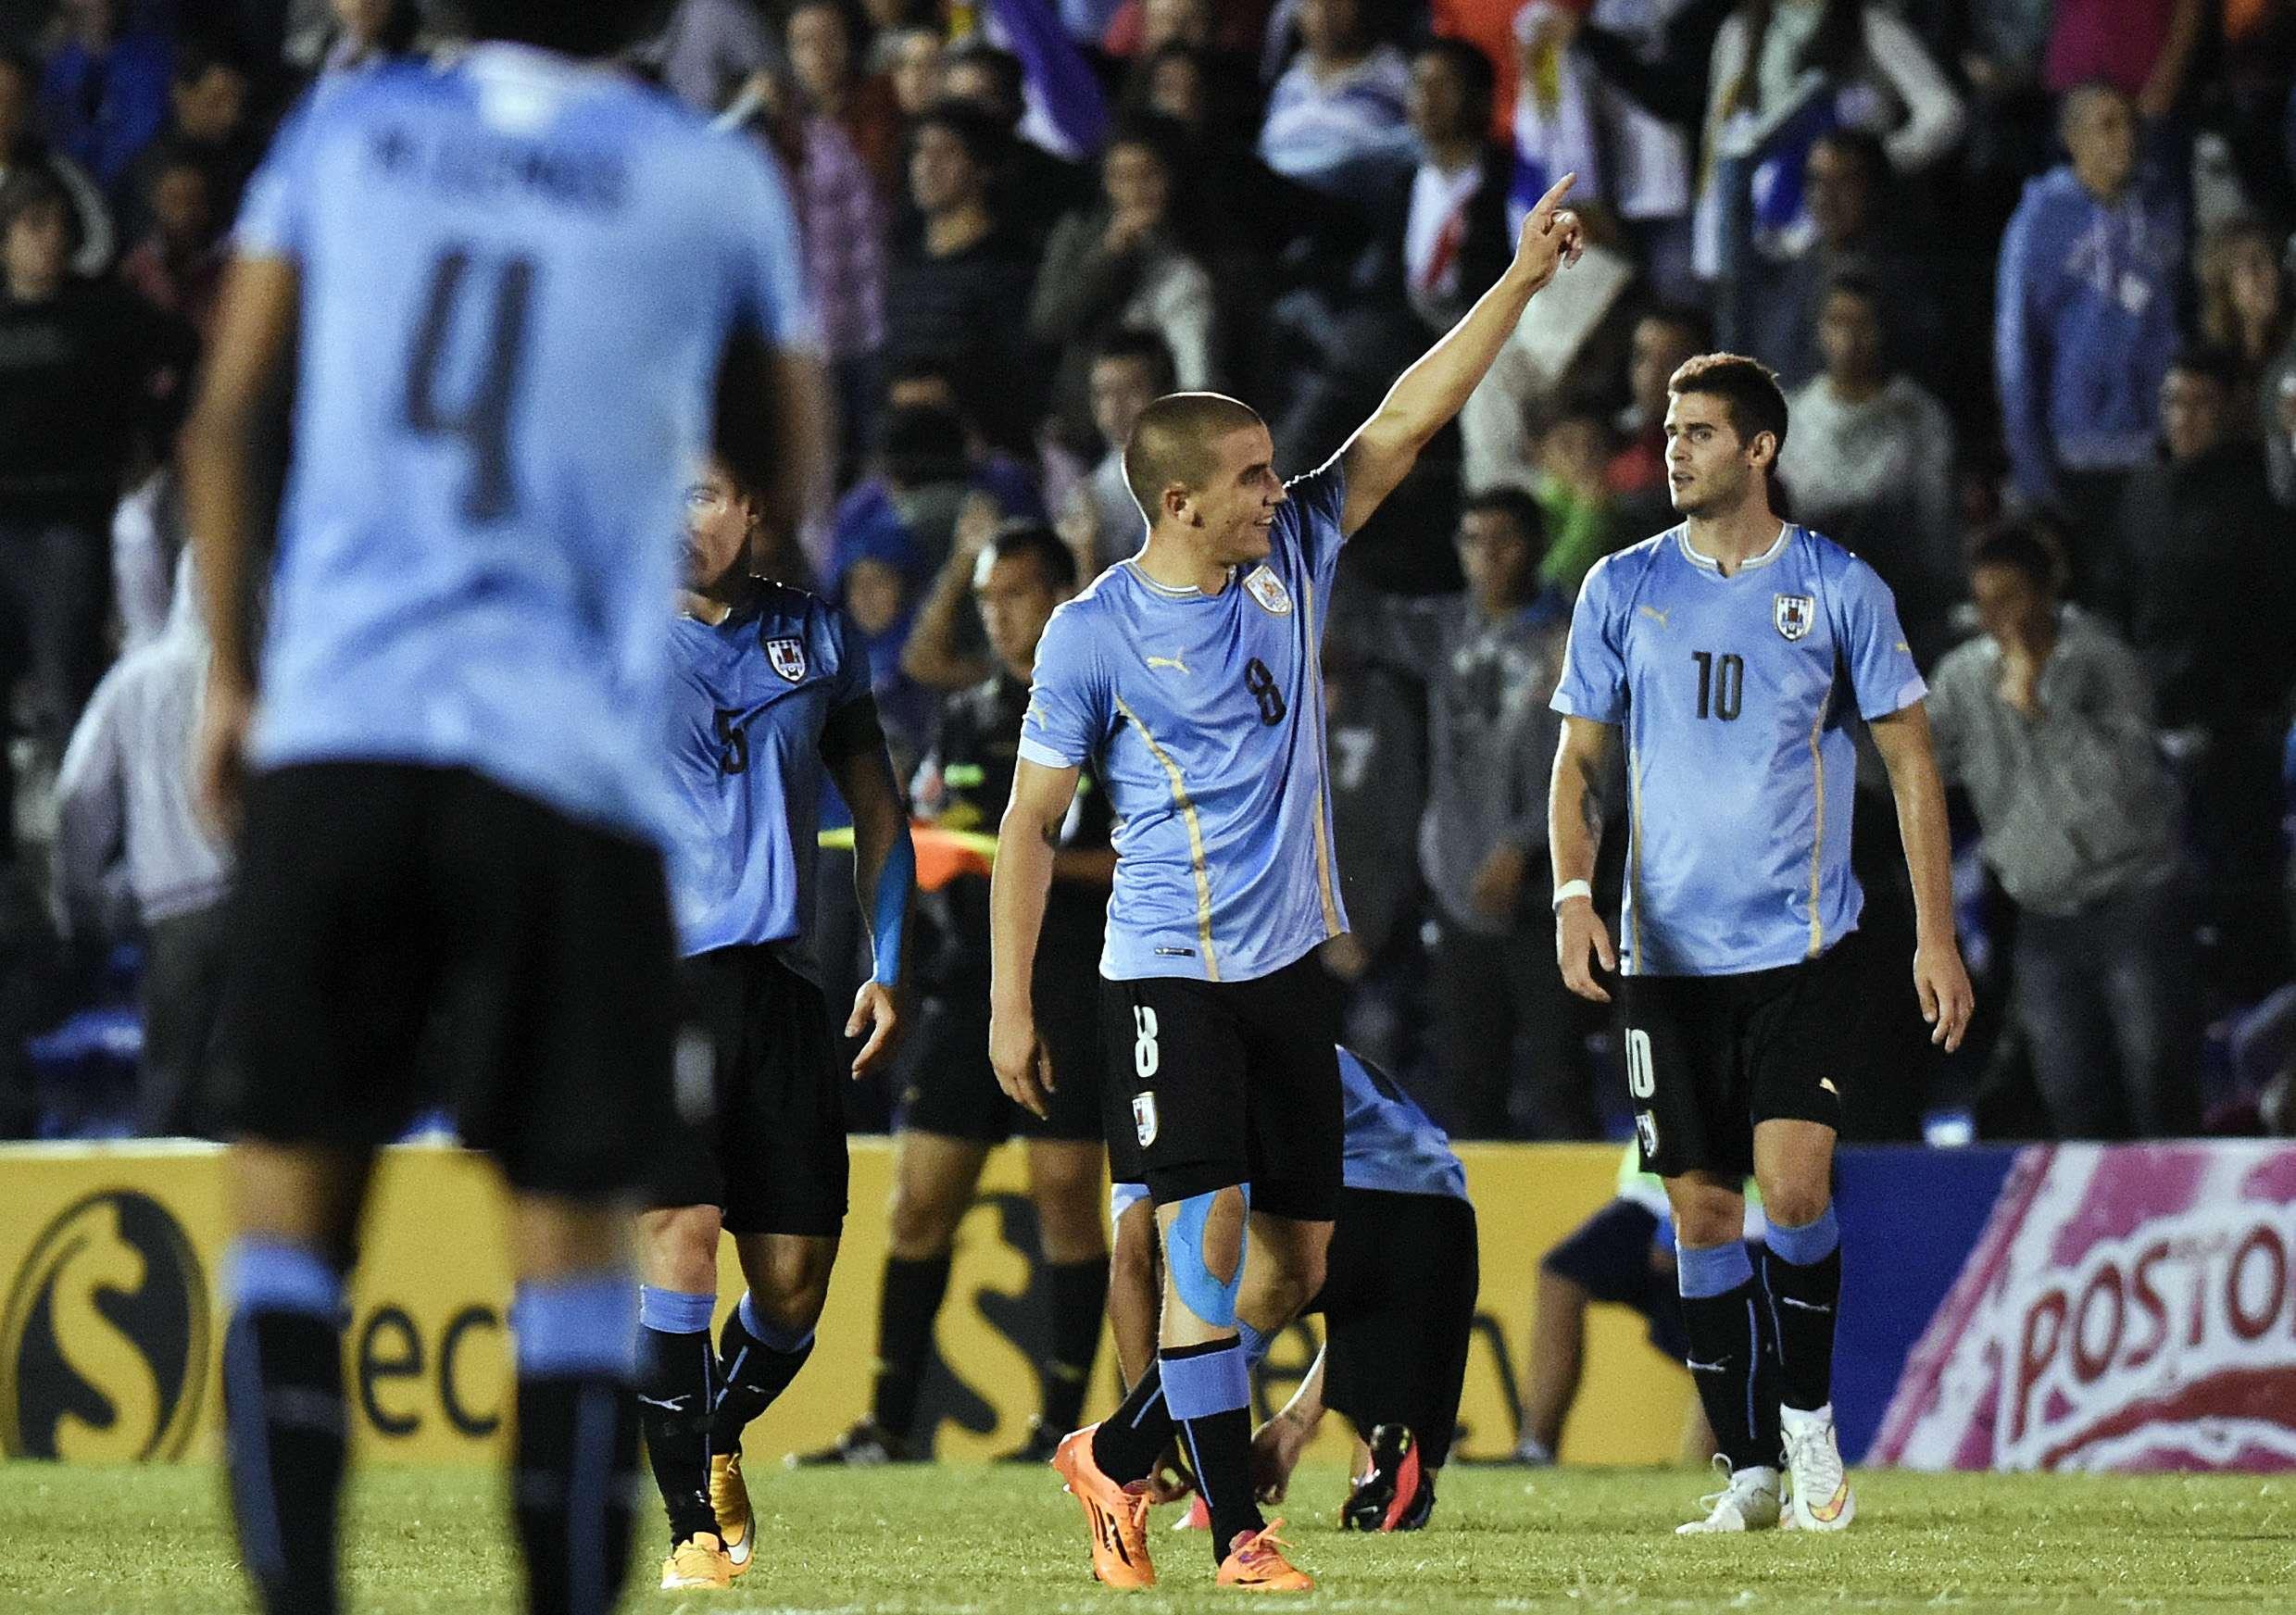 Uruguai venceu Peru com tranquilidade Foto: Matilde Campodonico/AP